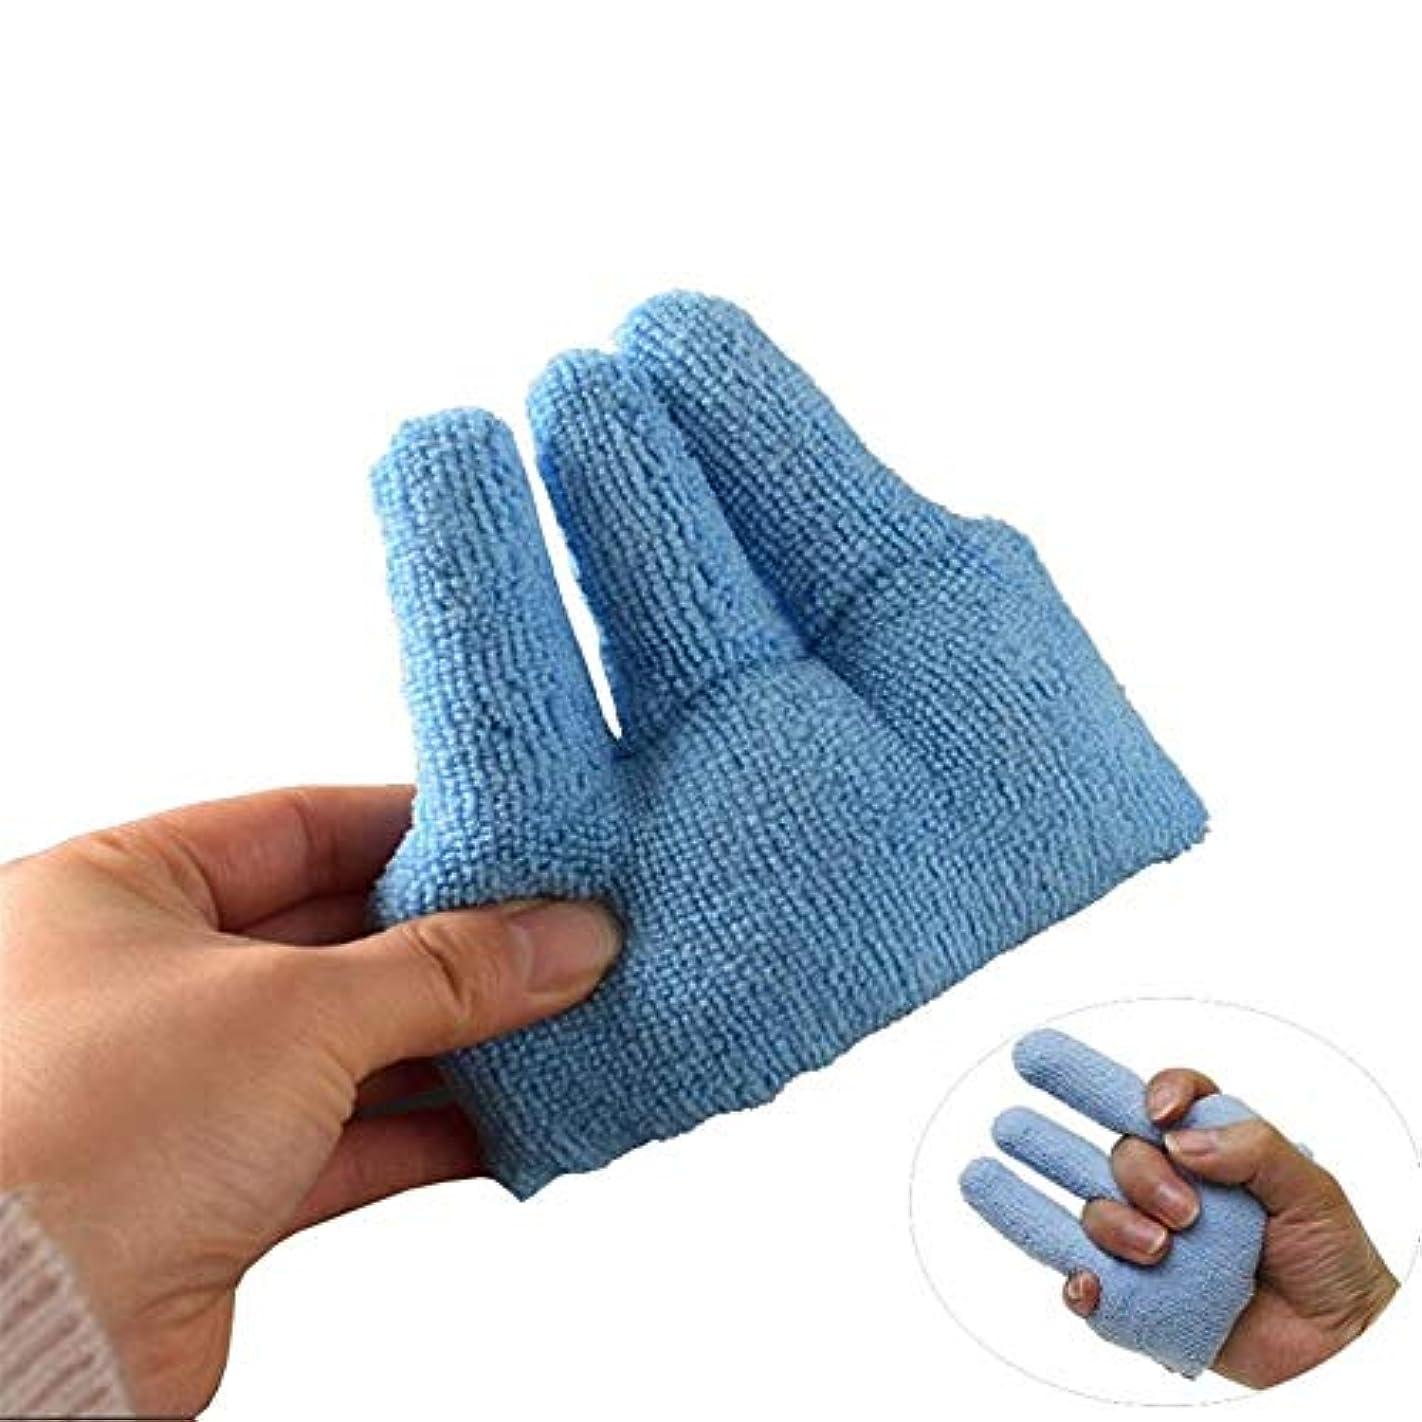 野ウサギ歩く遺伝的指拘縮の訓練装置は、ベッドの痛みのための指のきらめきくる病手の高齢者介護を防ぎます (Size : 1pairs)